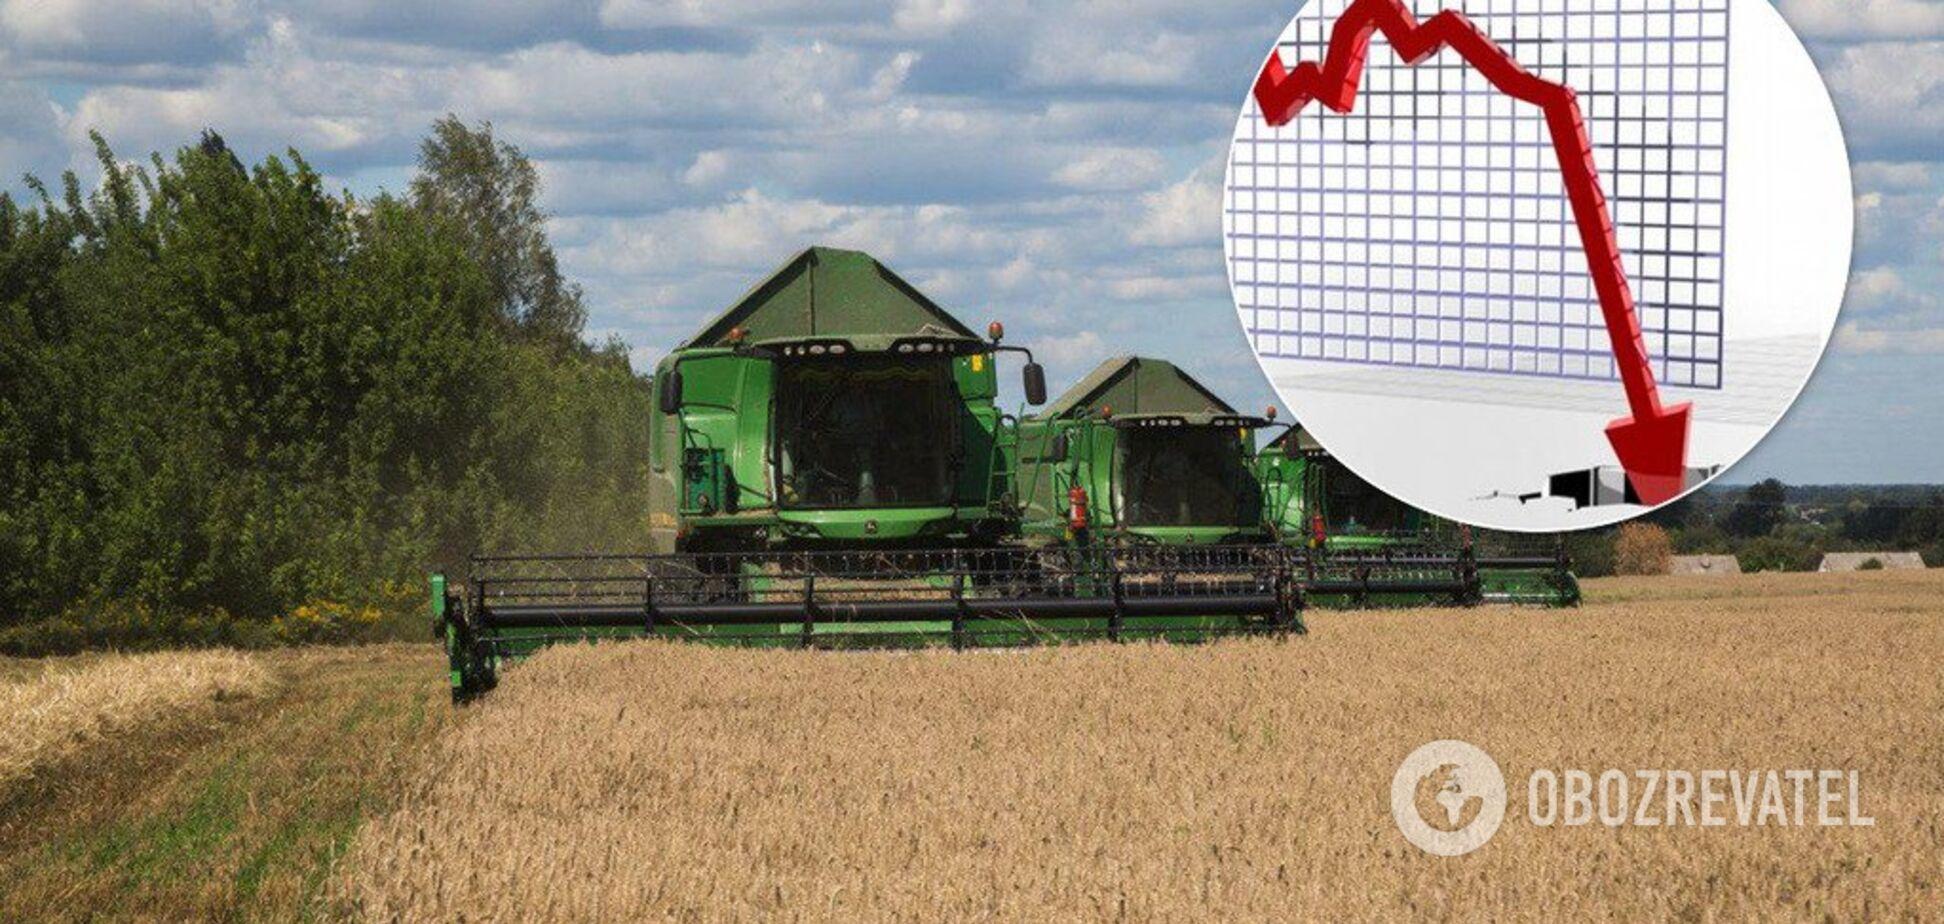 Сельское хозяйство Украины рекордно обвалилось: экономист объяснил причину